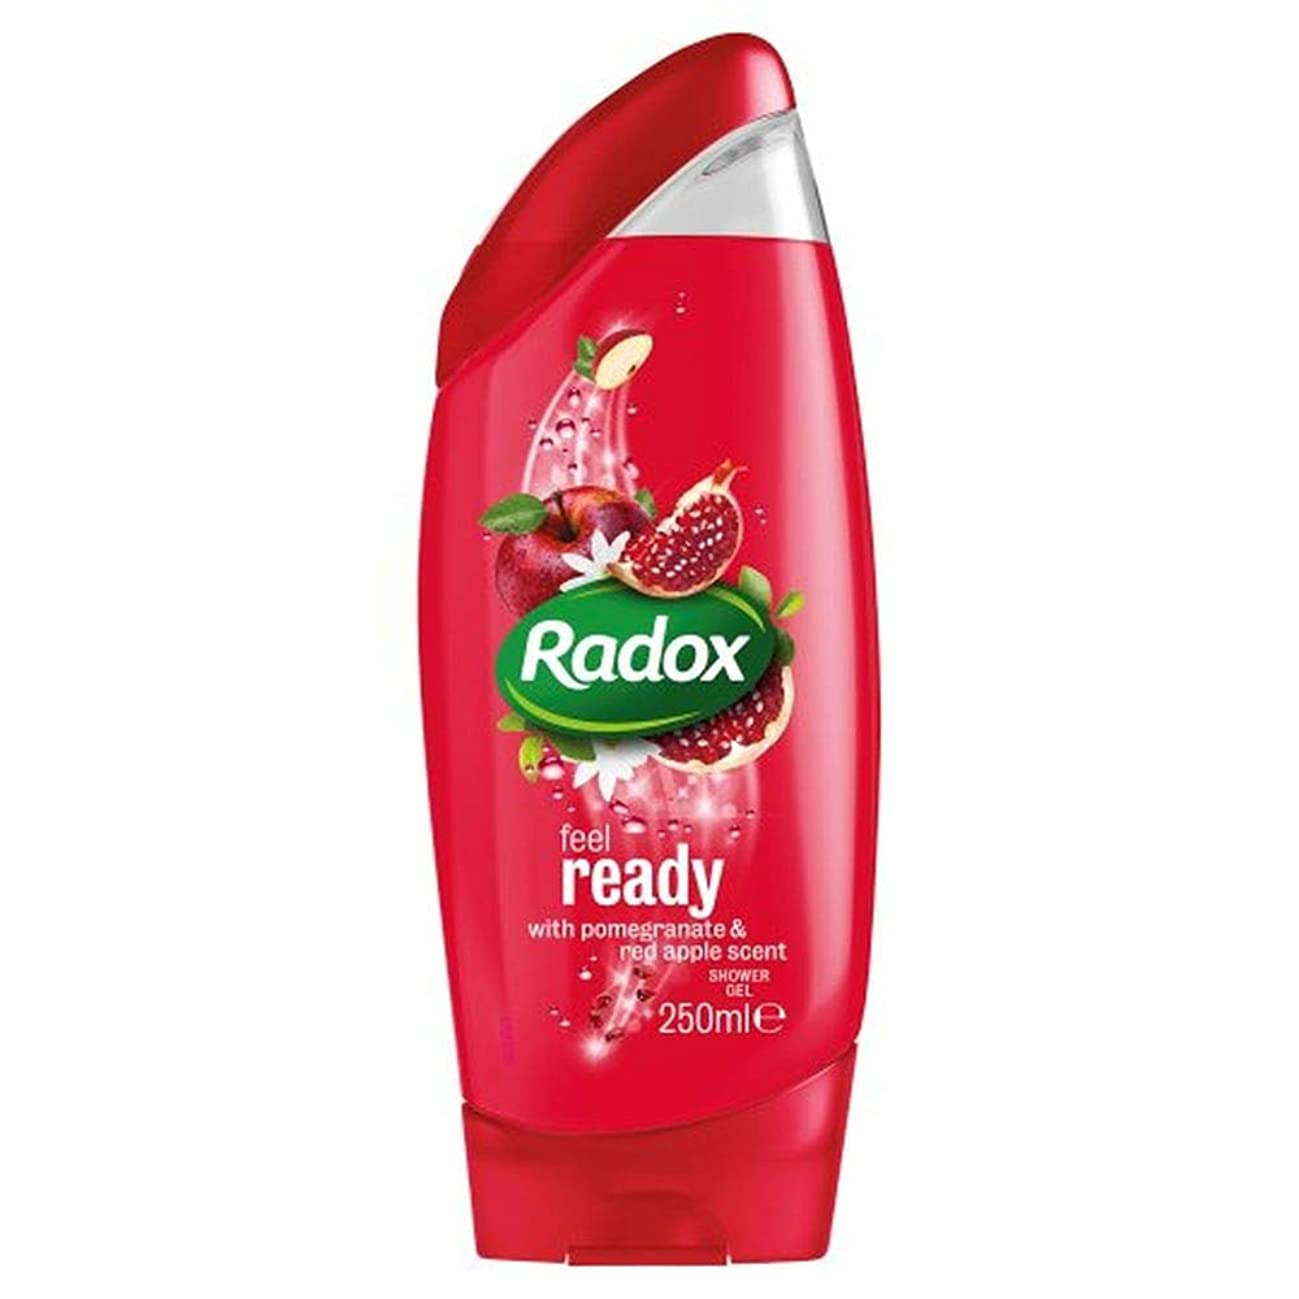 行進小屋ビュッフェ[Radox] Radoxは準備ができてシャワージェル250ミリリットルを感じます - Radox Feel Ready Shower Gel 250Ml [並行輸入品]